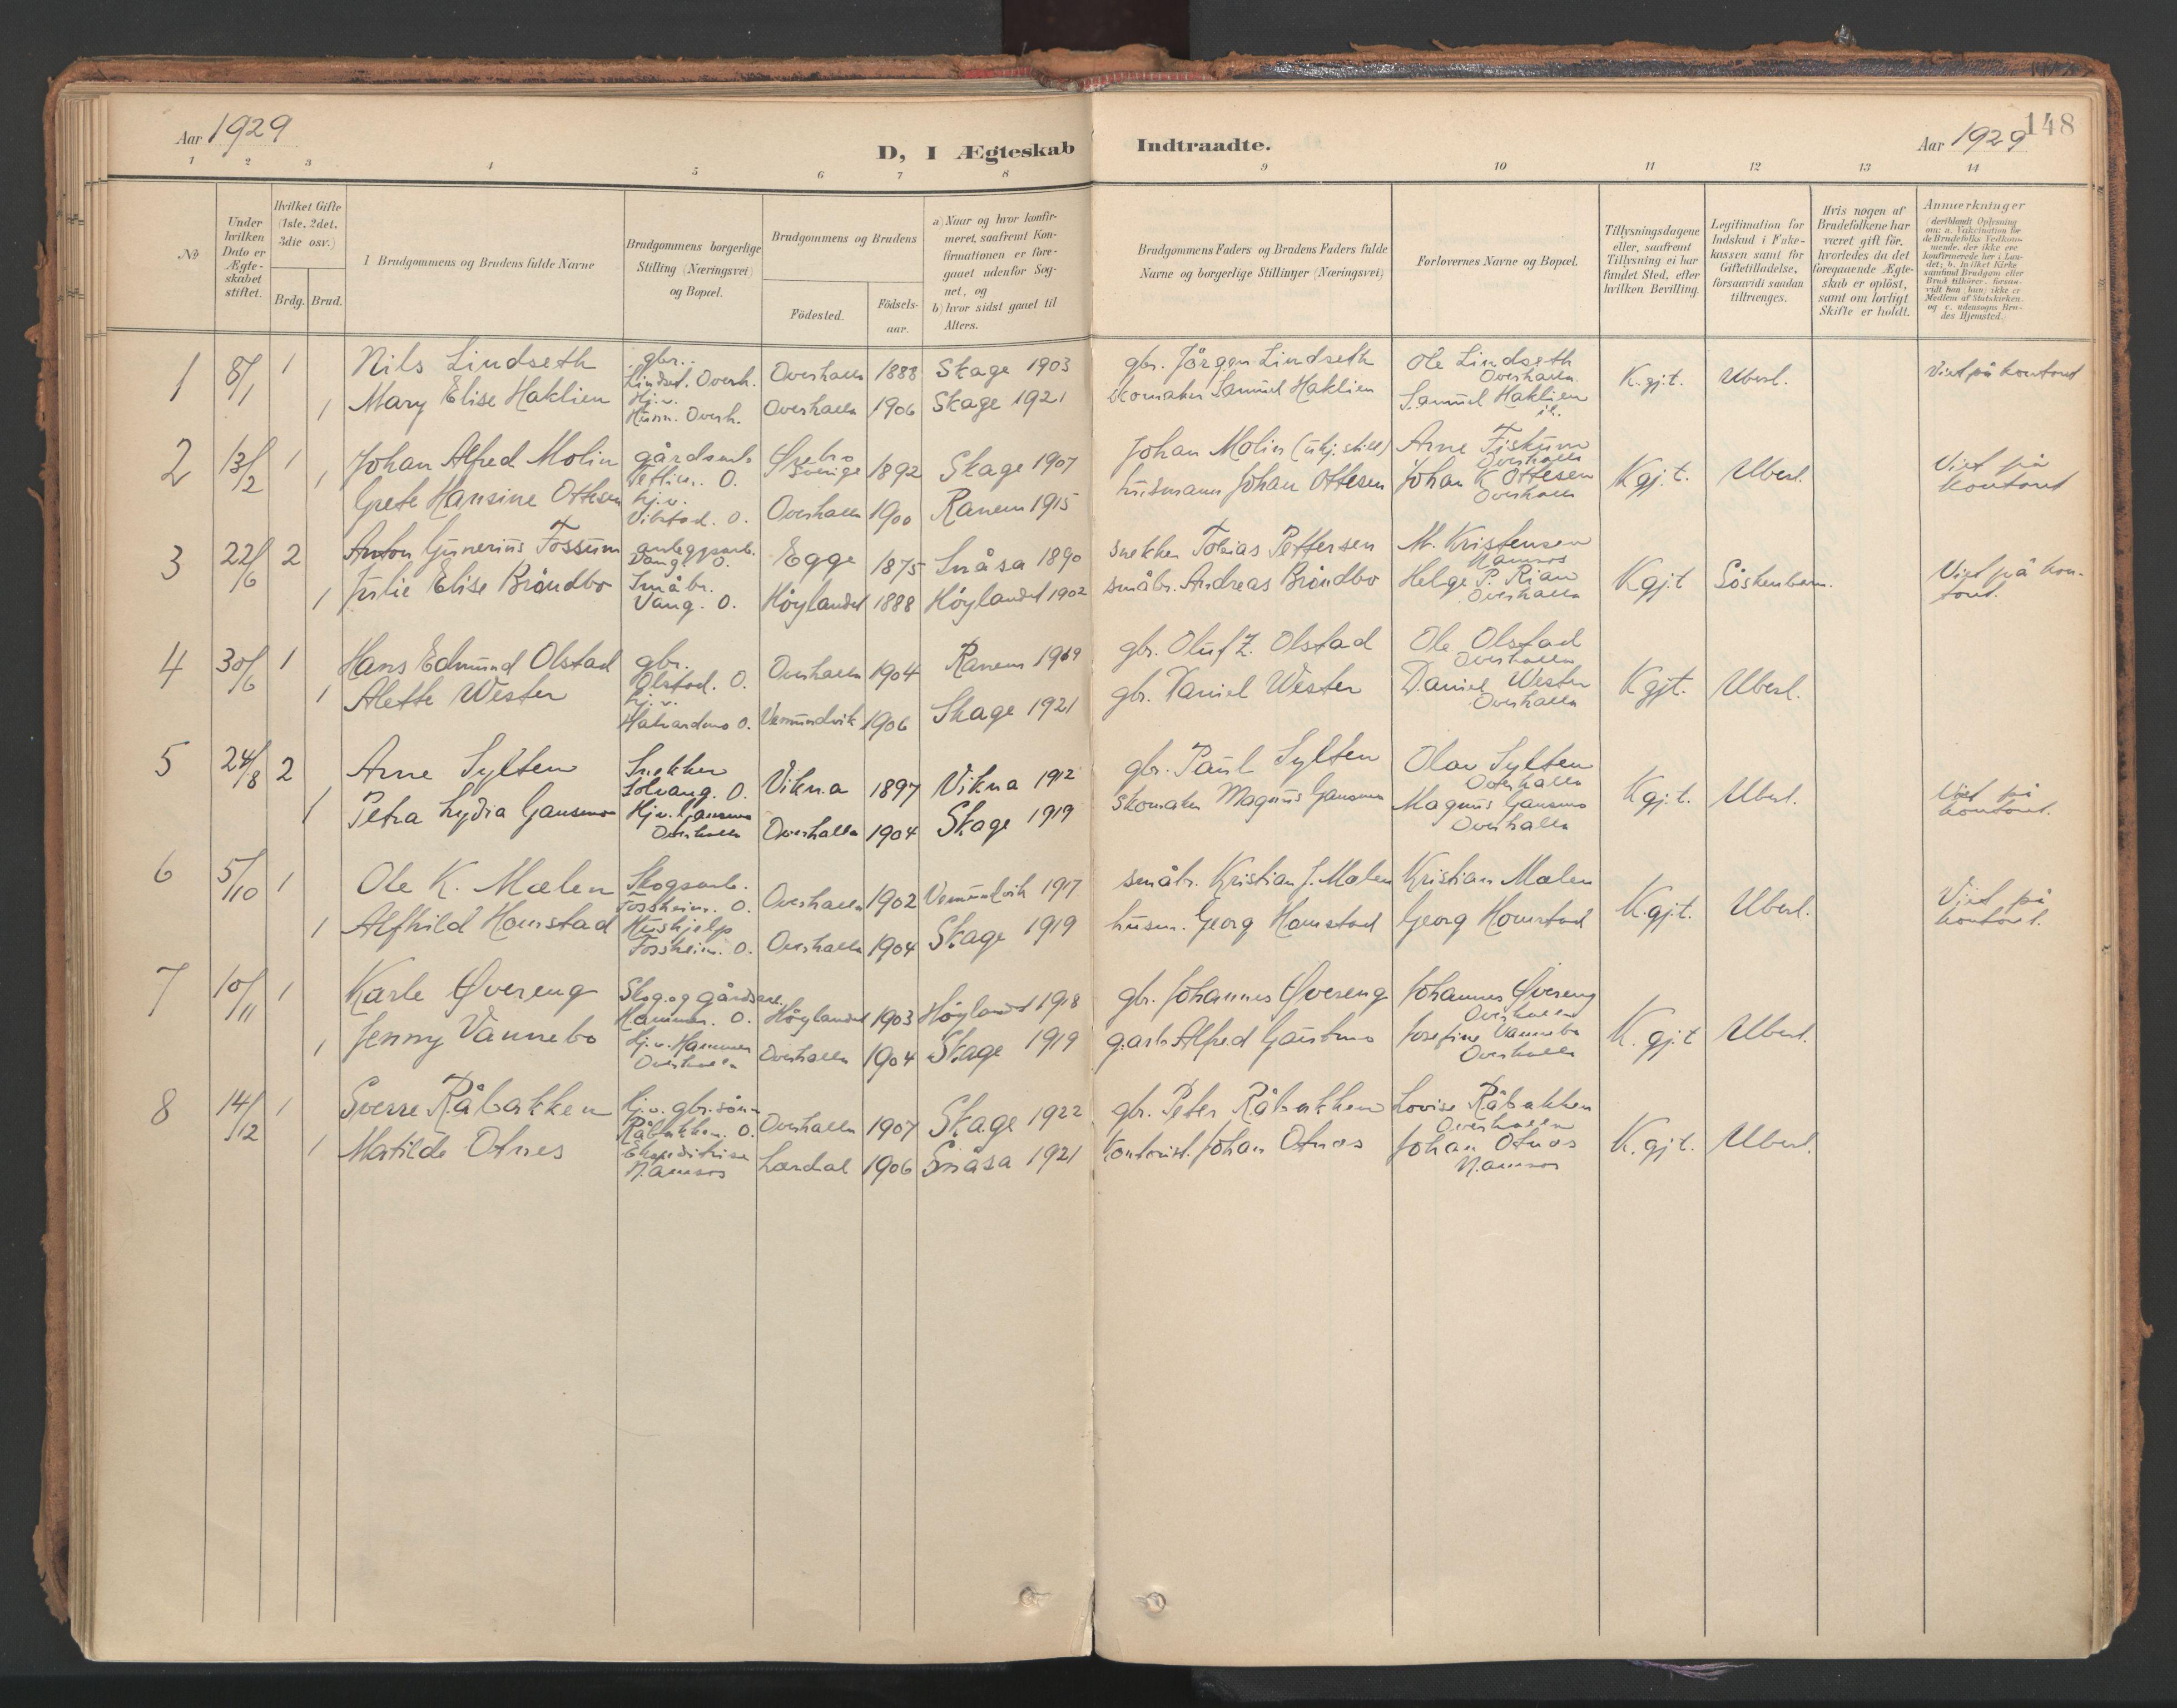 SAT, Ministerialprotokoller, klokkerbøker og fødselsregistre - Nord-Trøndelag, 766/L0564: Ministerialbok nr. 767A02, 1900-1932, s. 148